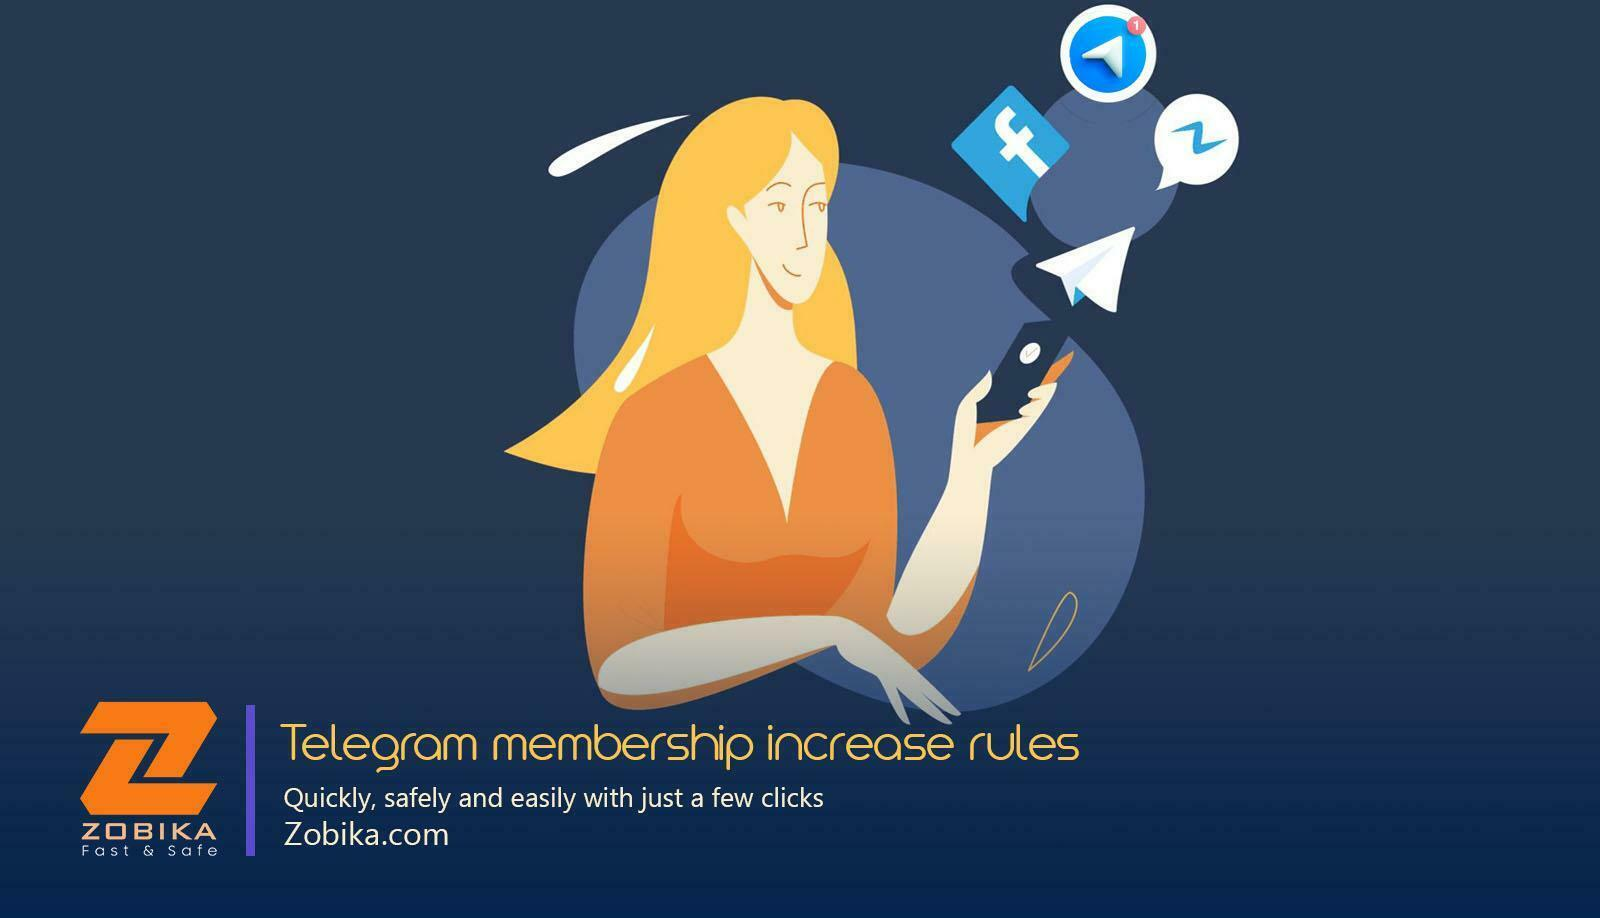 Telegram membership increase rules